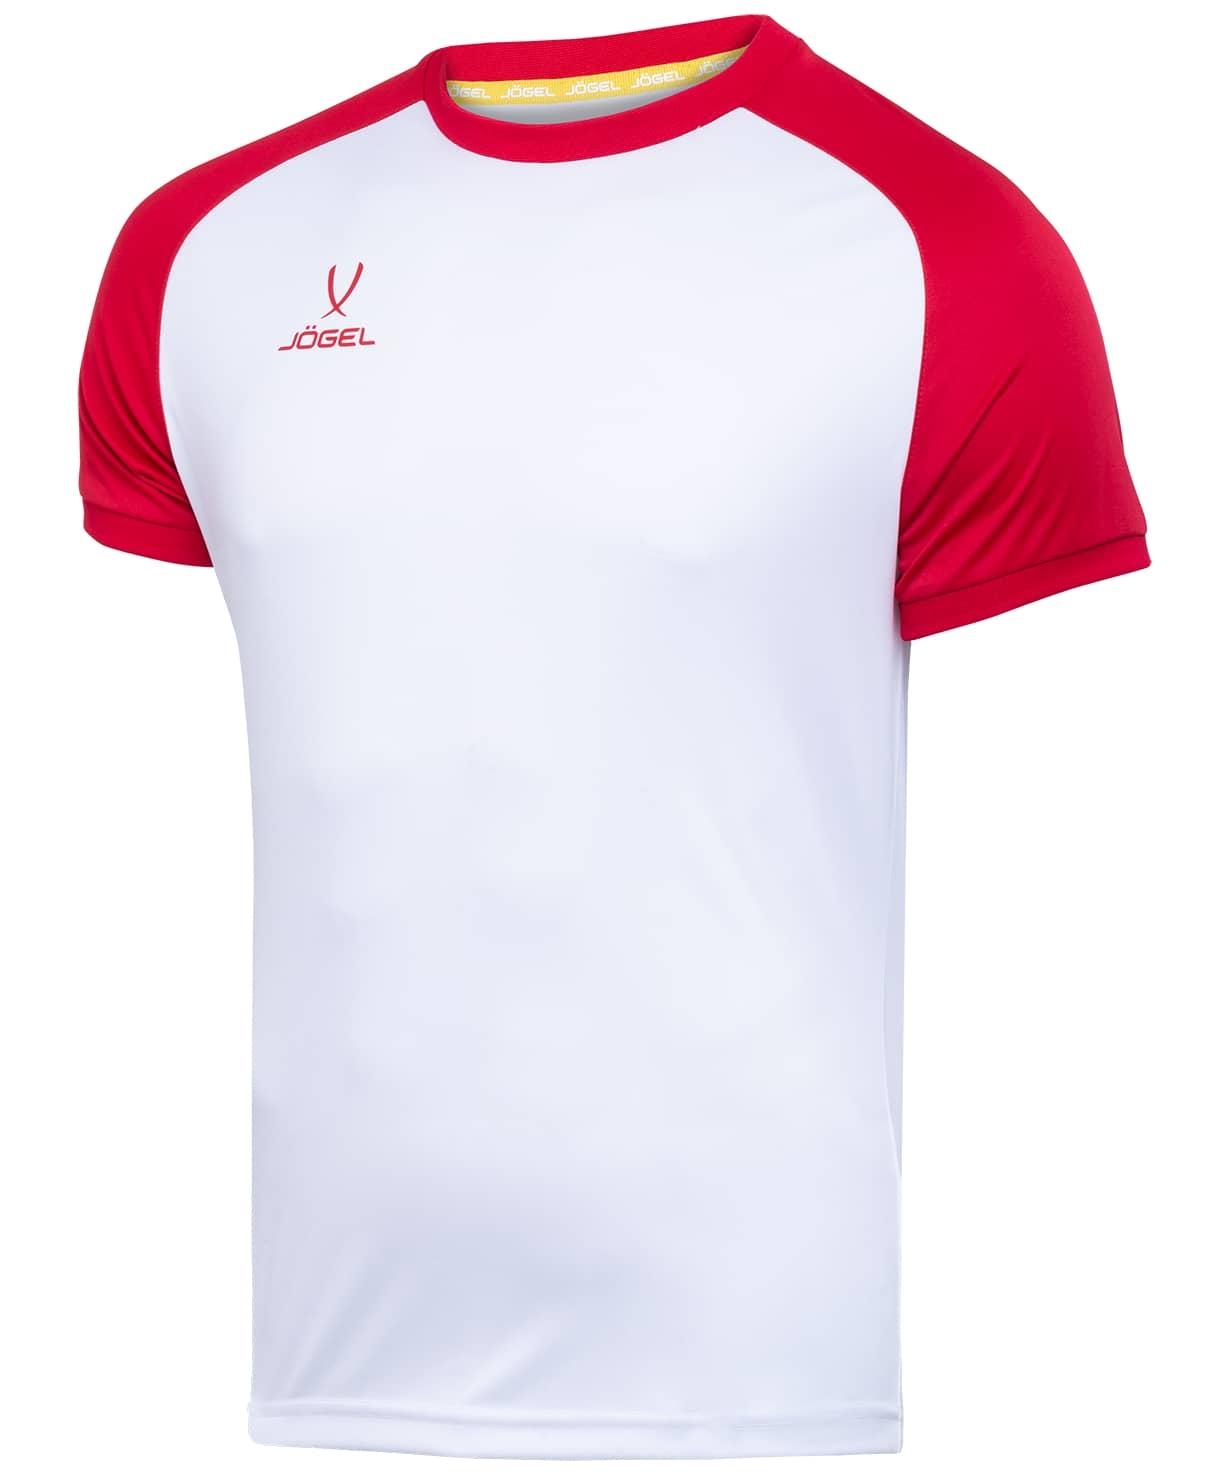 Футболка футбольная CAMP Reglan JFT-1021-071-K, белый/красный, детская